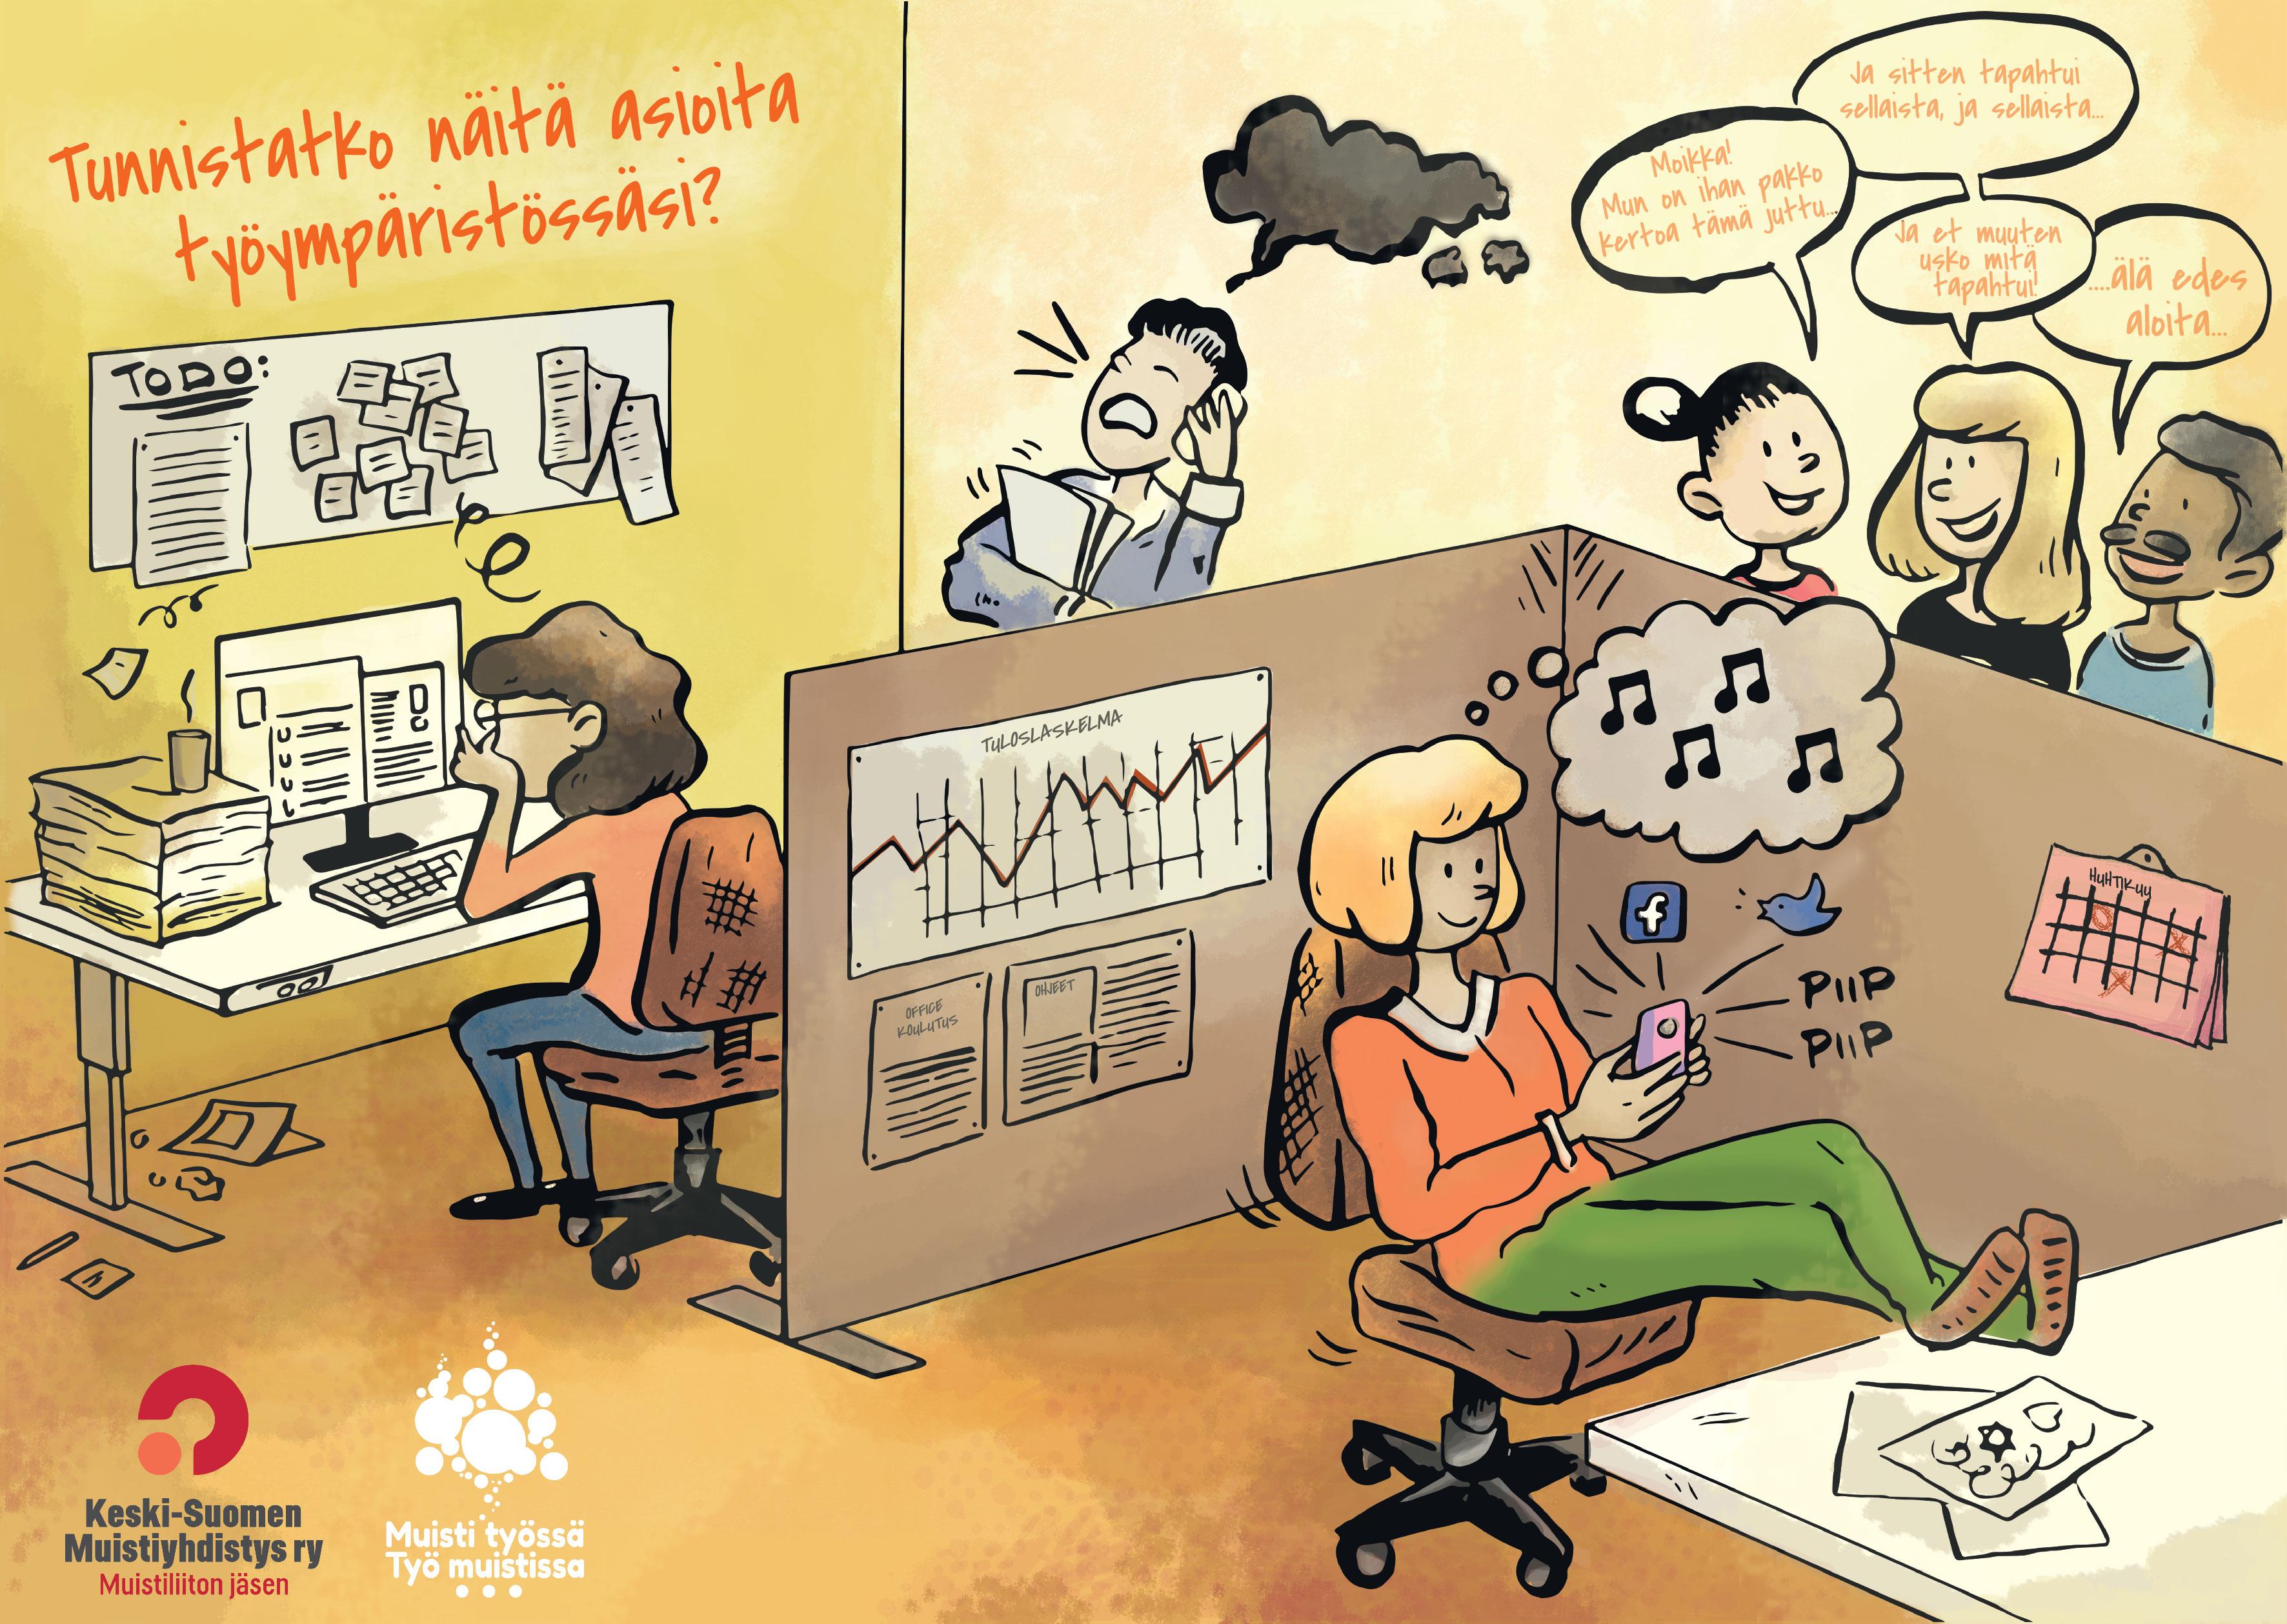 Tunnistatko näitä asioita työympäristössäsi?